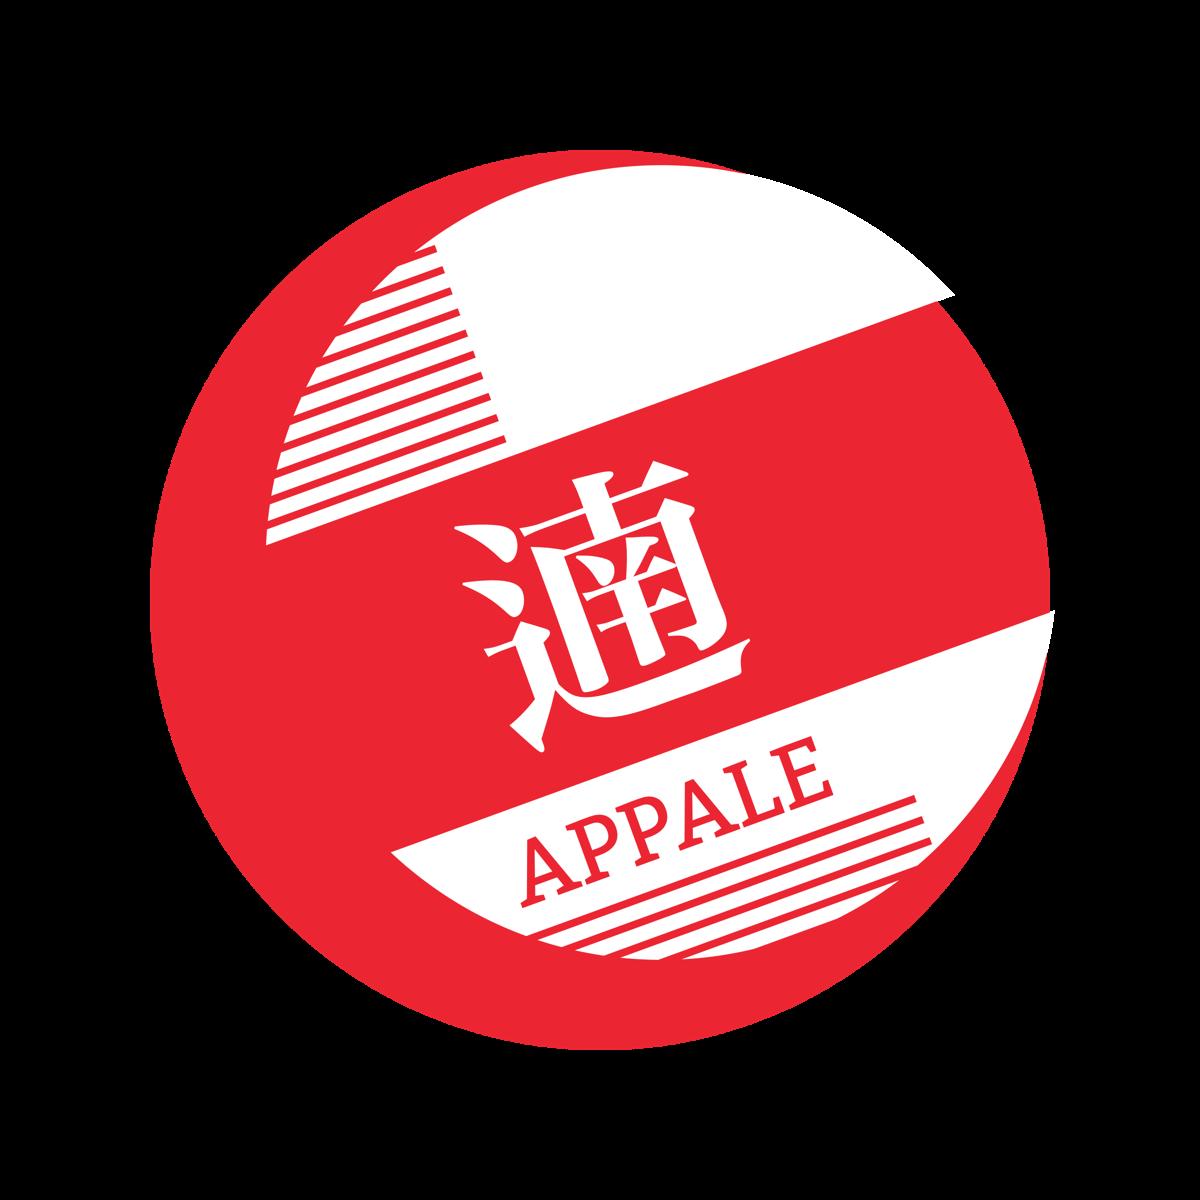 みあんご(野原海明)オンラインストア |遖 -APPALE-